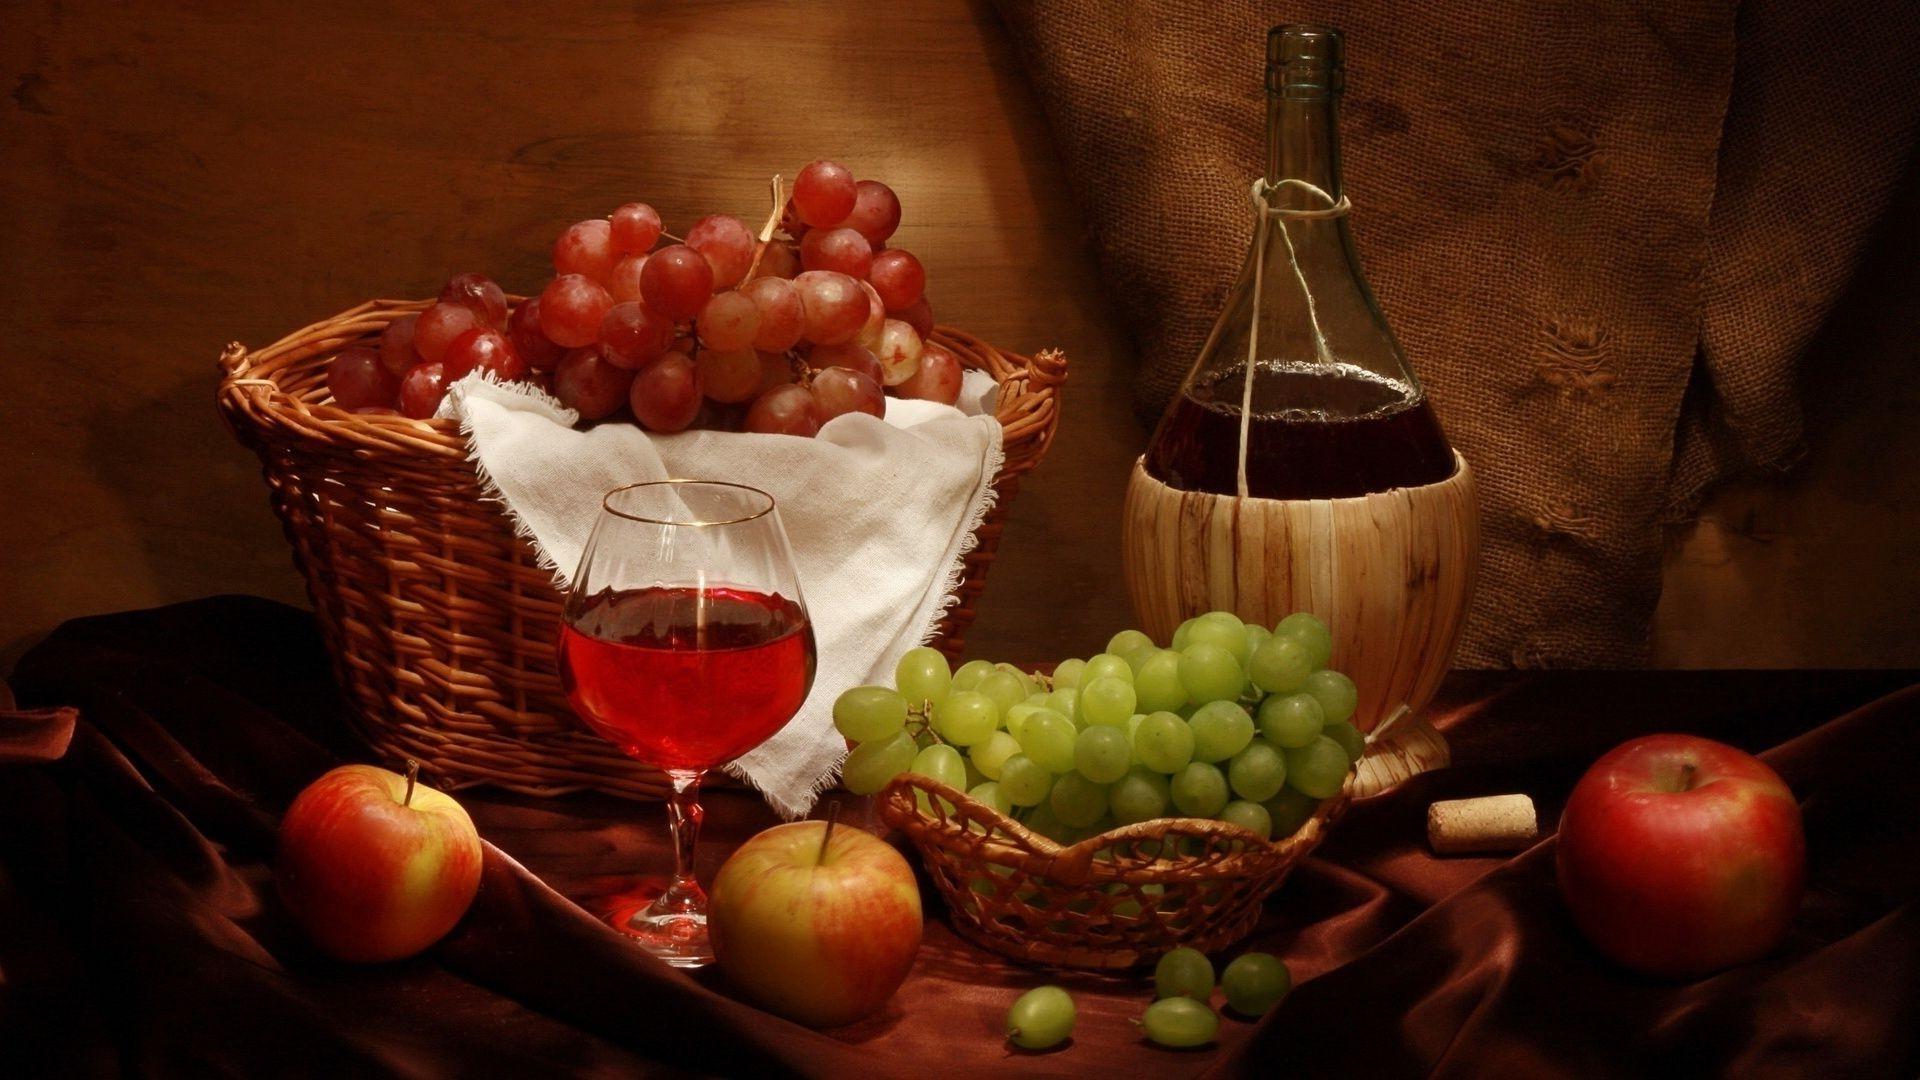 Господне, картинки с вином и фруктами